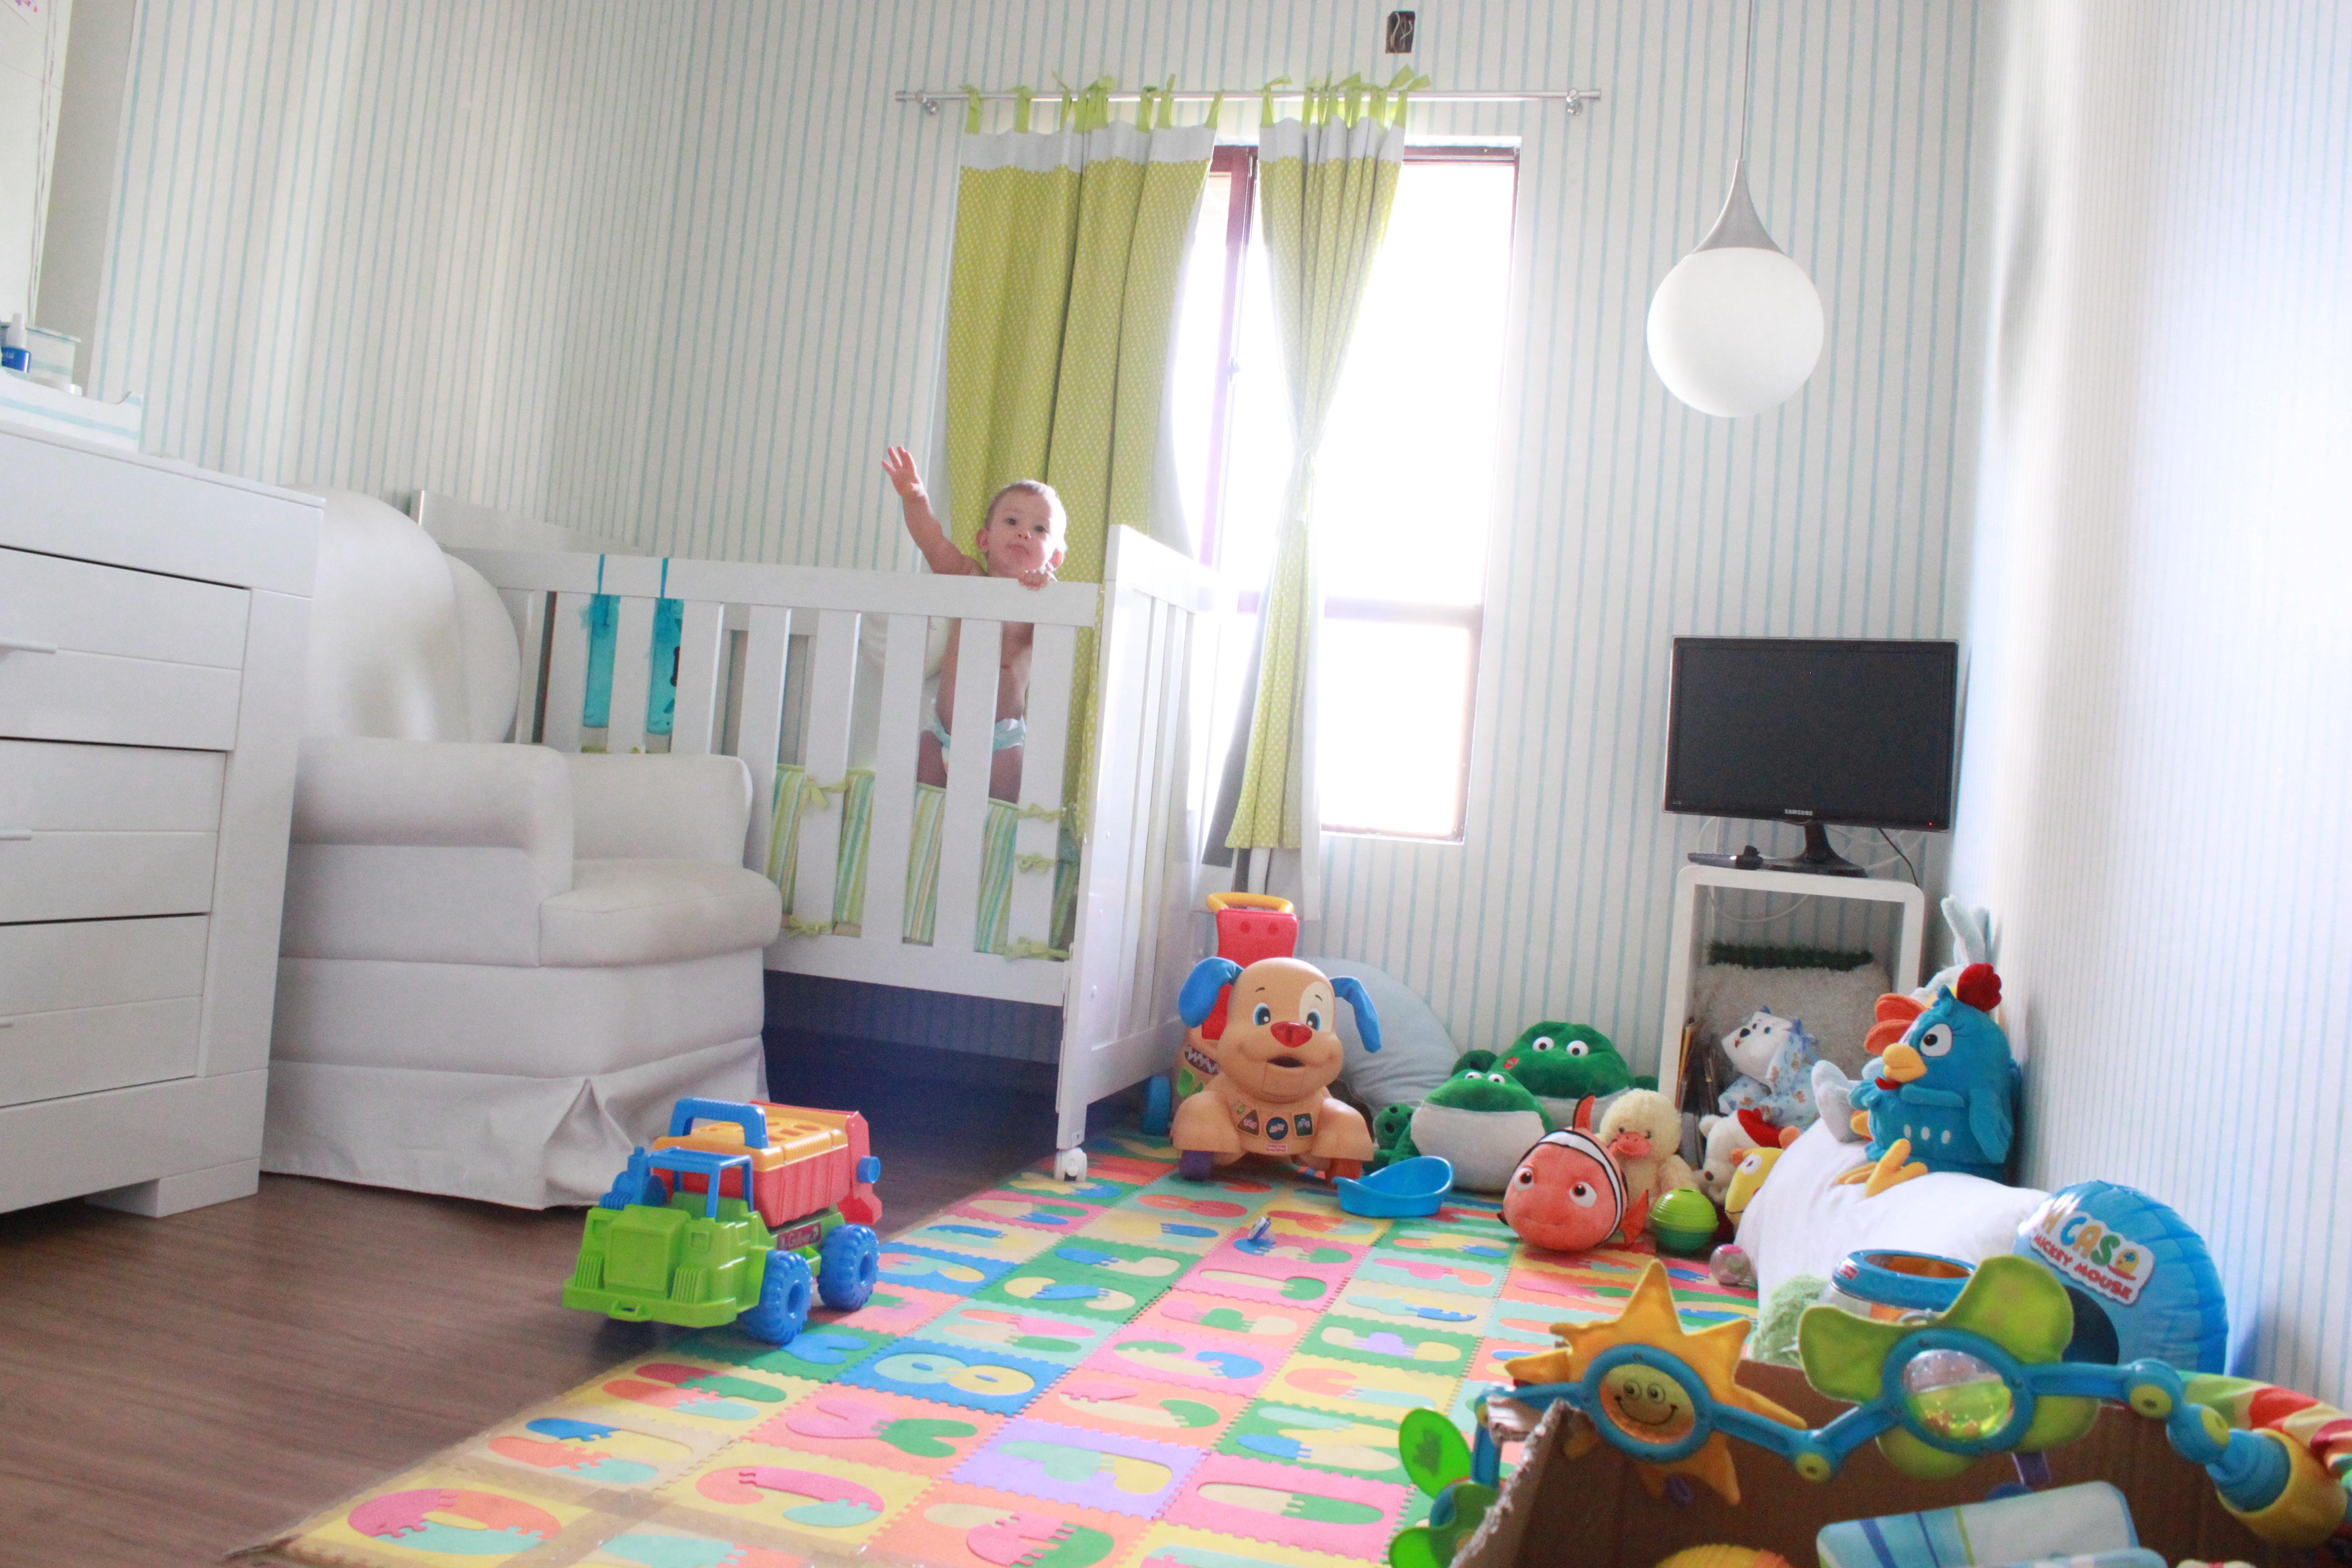 Preparativos De M E Para Mam E ~ Quarto Montessoriano Recem Nascido